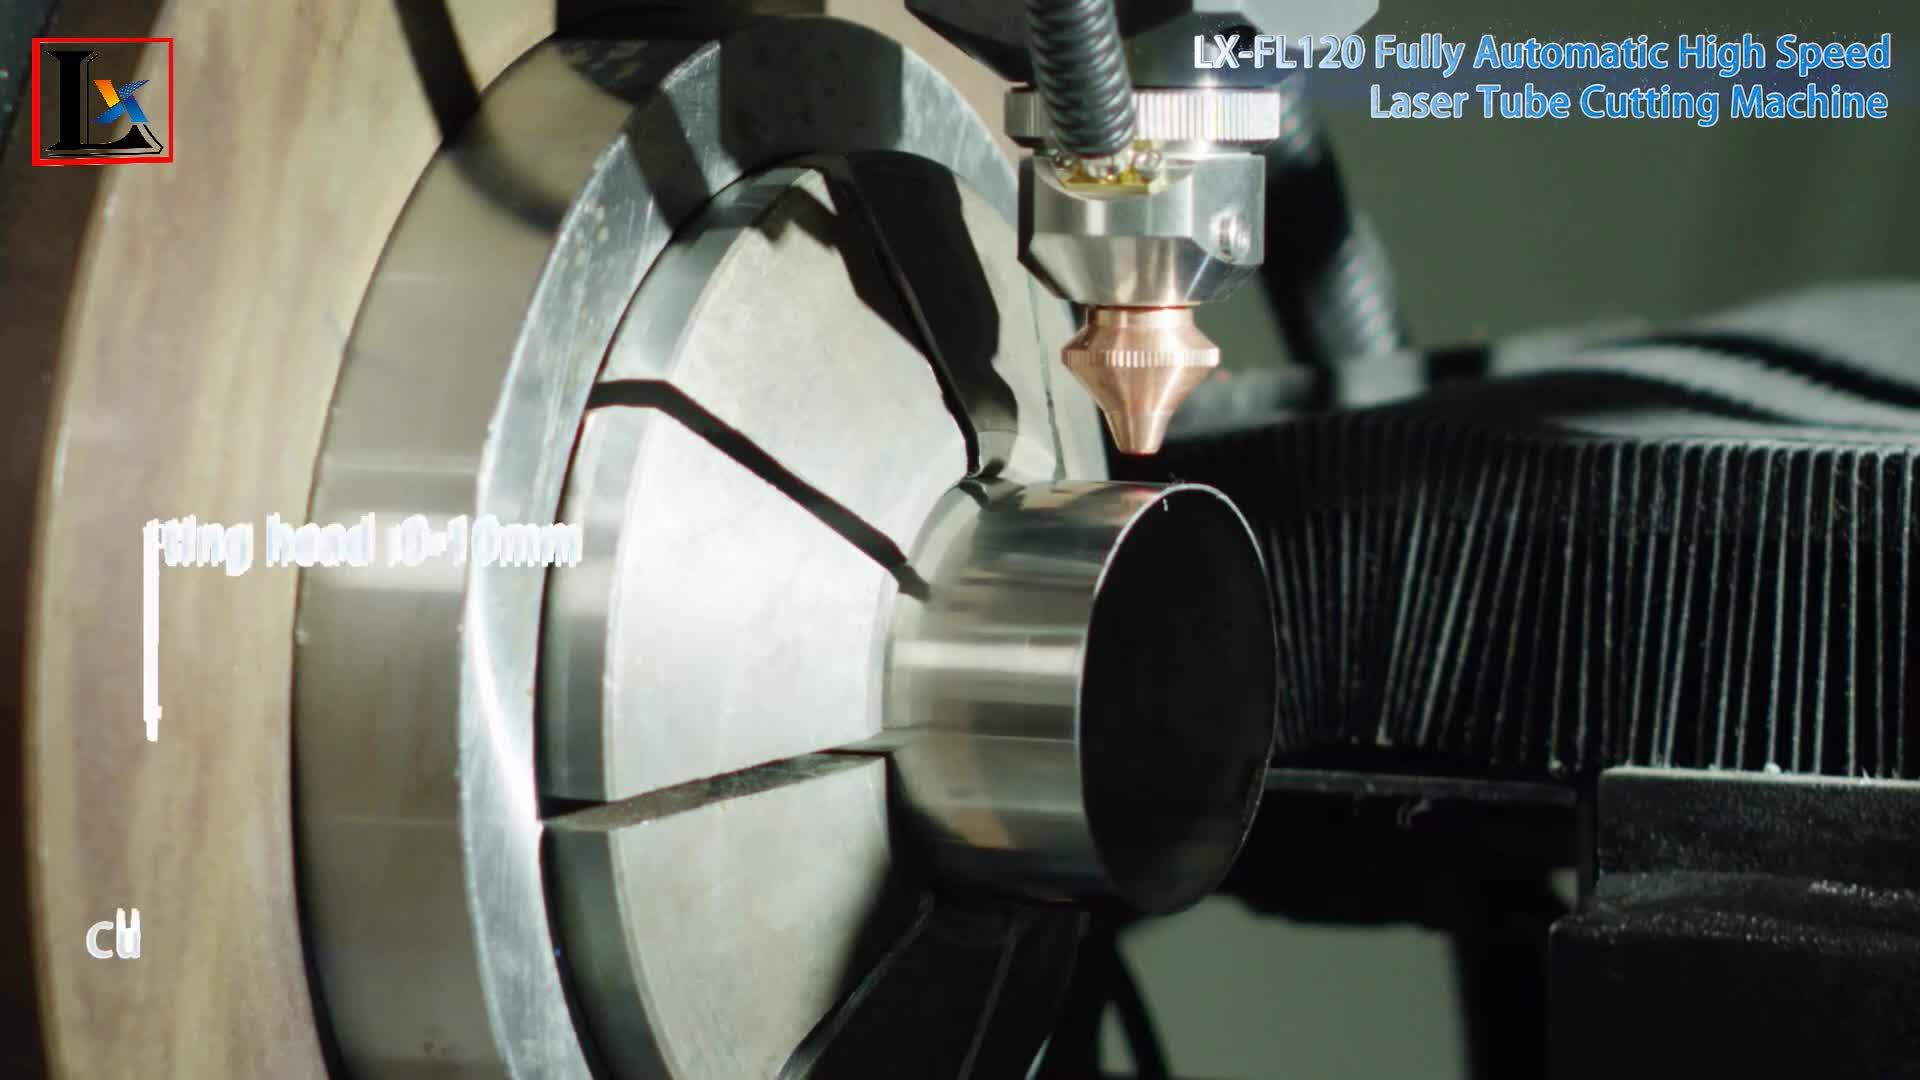 Fabrika fiyat Endüstriyel cnc otomatik besleme metal 5 eksenli 3d fiber lazer tüp boru kesme makinesi üreticileri MS